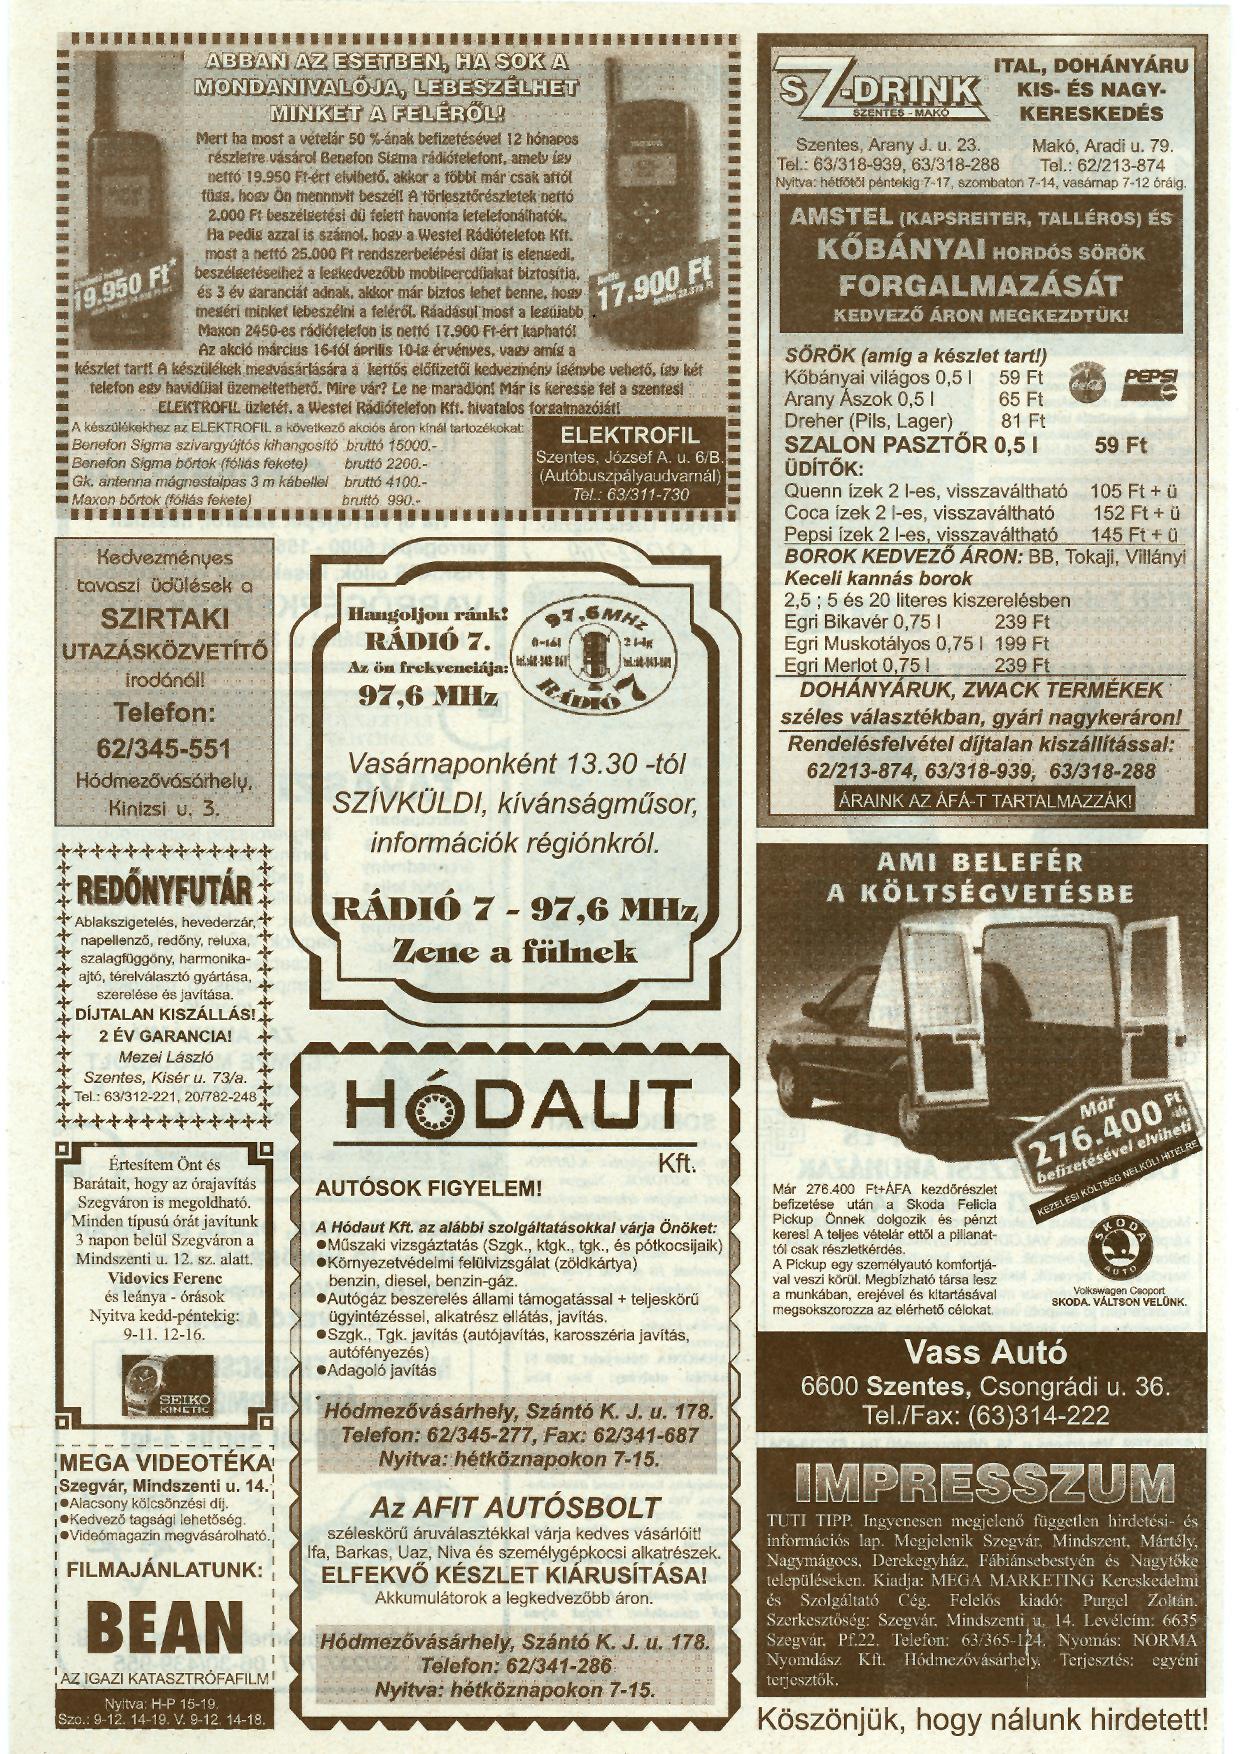 010 Tuti Tipp reklámújság - 19980328-082. lapszám - 2.oldal - IV. évfolyam.jpg